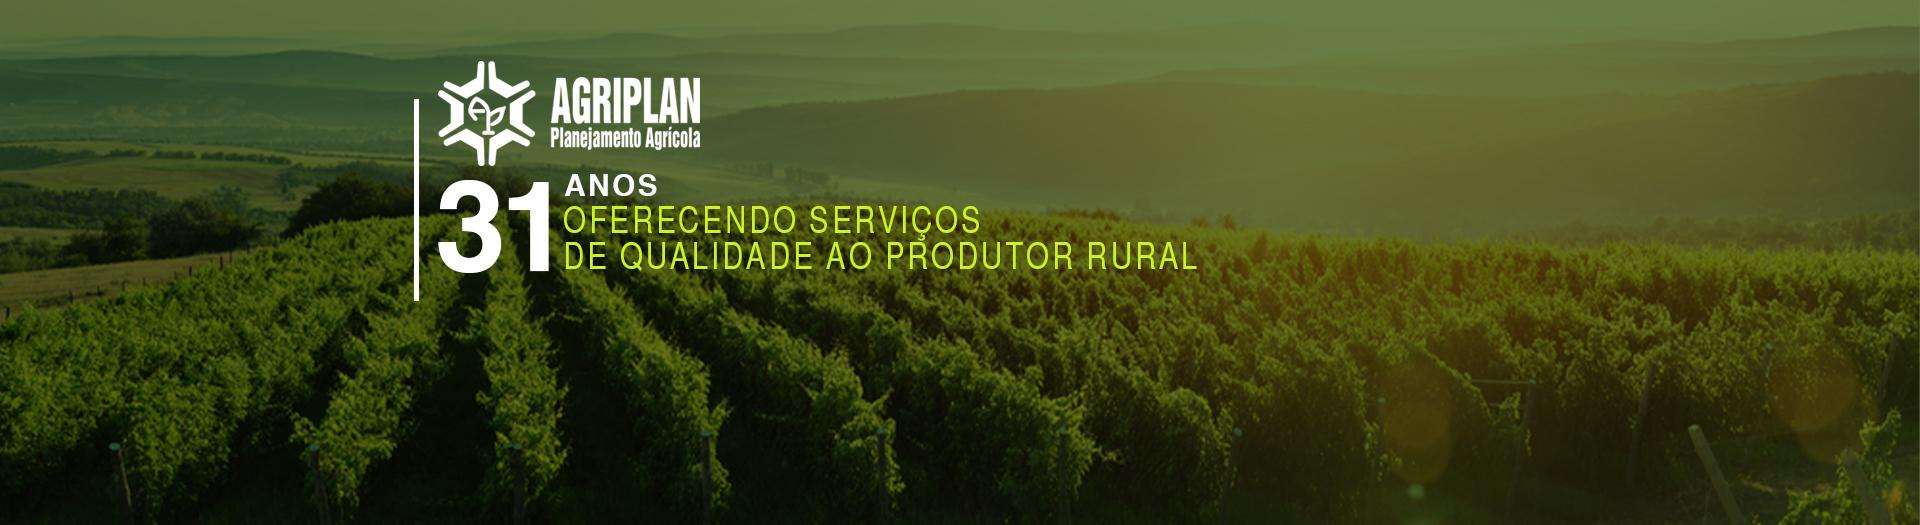 156633497815_31anos_oferecendo_servicos.jpg